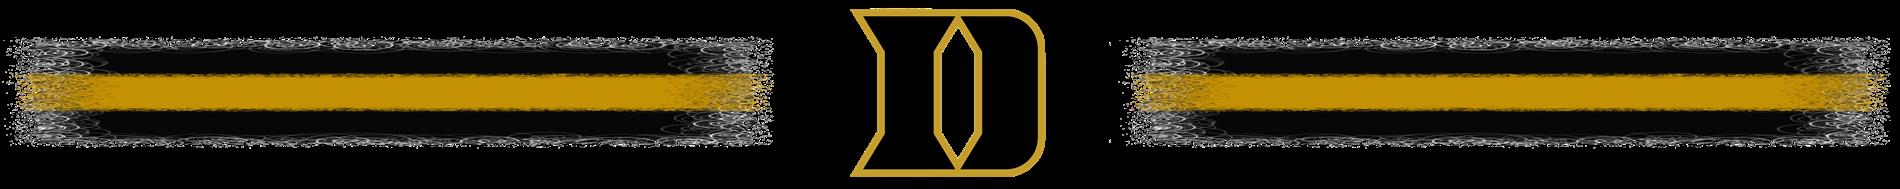 Dyersburg High School D Logo Banner